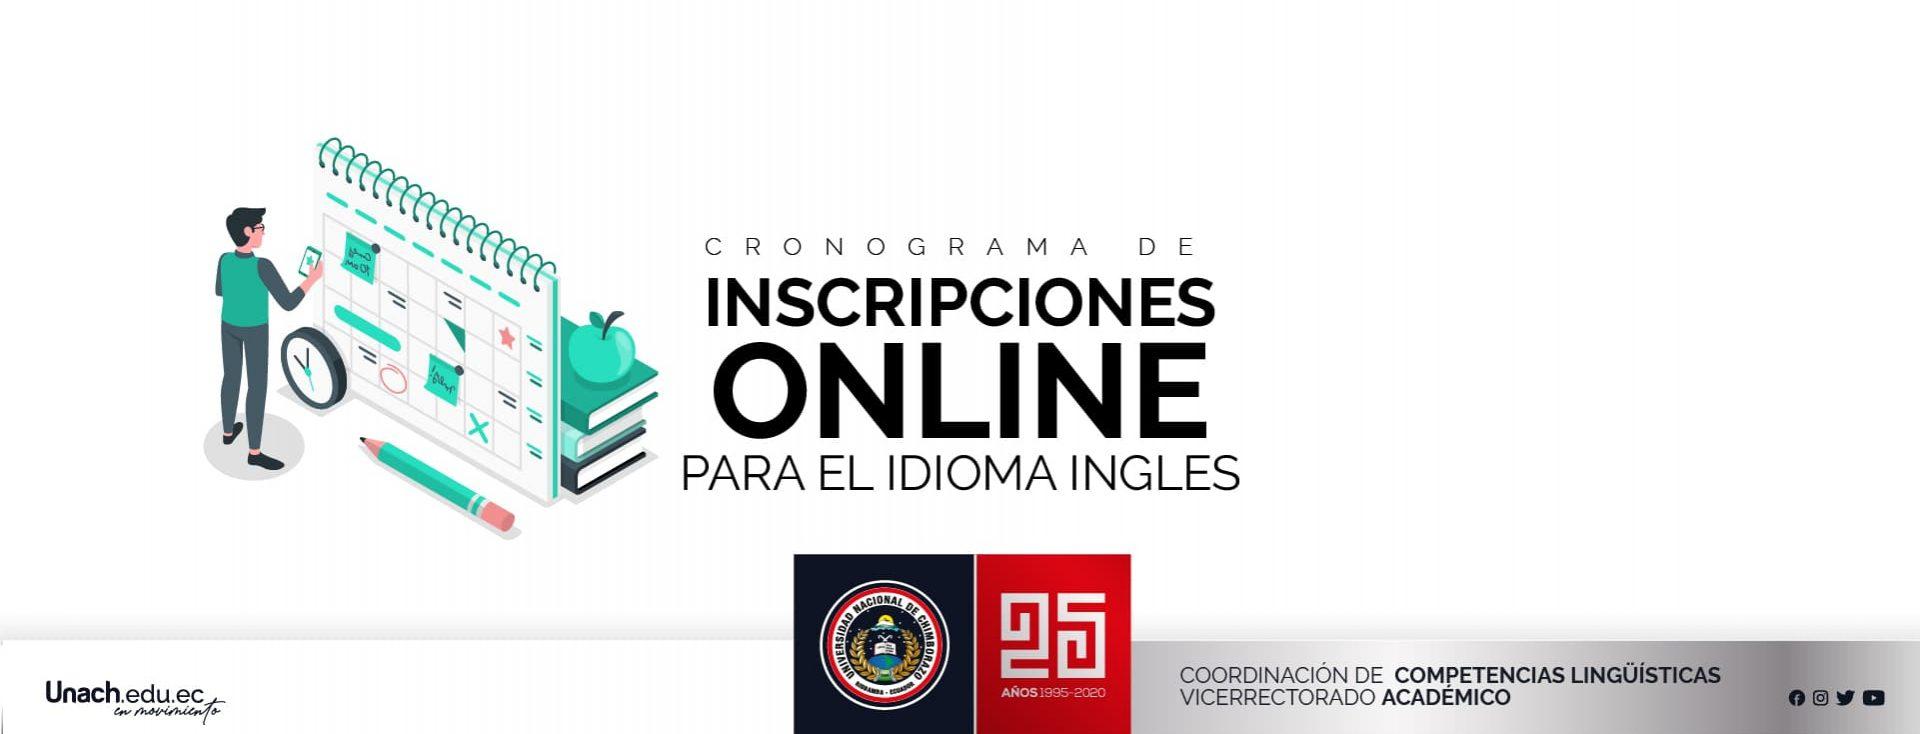 CRONOGRAMA DE INSCRIPCIONES ONLINE PARA EL IDIOMA INGLÉS